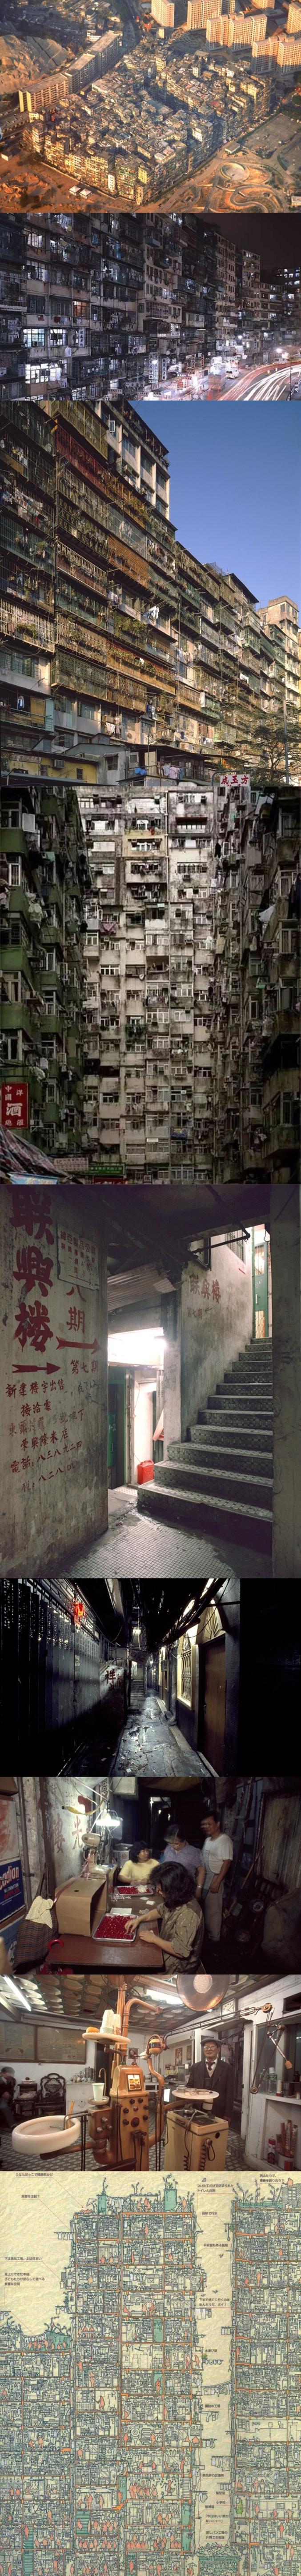 Enclave chinoise au milieu de l'enclave britannique de Hong-Kong, la citadelle de Kowloon fut fondée au milieu du XIXème siècle. Bien qu'un temps paradis des triades, la vie y était relativement paisible. Elle constituait un exemple de cité auto-régulée et auto-suffisante, disposant d'un réseau électrique, de l'eau courante et de services publics : écoles, médecins, distribution du courrier... Ne pouvant s'étendre à l'horizontale, elle se construisit progressivement en hauteur, étage par étage, sans architecte, jusqu'à compter 300 gratte-ciel accolés les uns aux autres. Au milieu des années 1980, avec ses 50 000 âmes, elle détenait le titre de quartier le plus densément peuplé au monde : près de 2 millions d'habitants au km². Avant sa démolition en 1993, des explorateurs japonais mirent une semaine entière pour sillonner le dédale de ruelles plongées dans la pénombre.